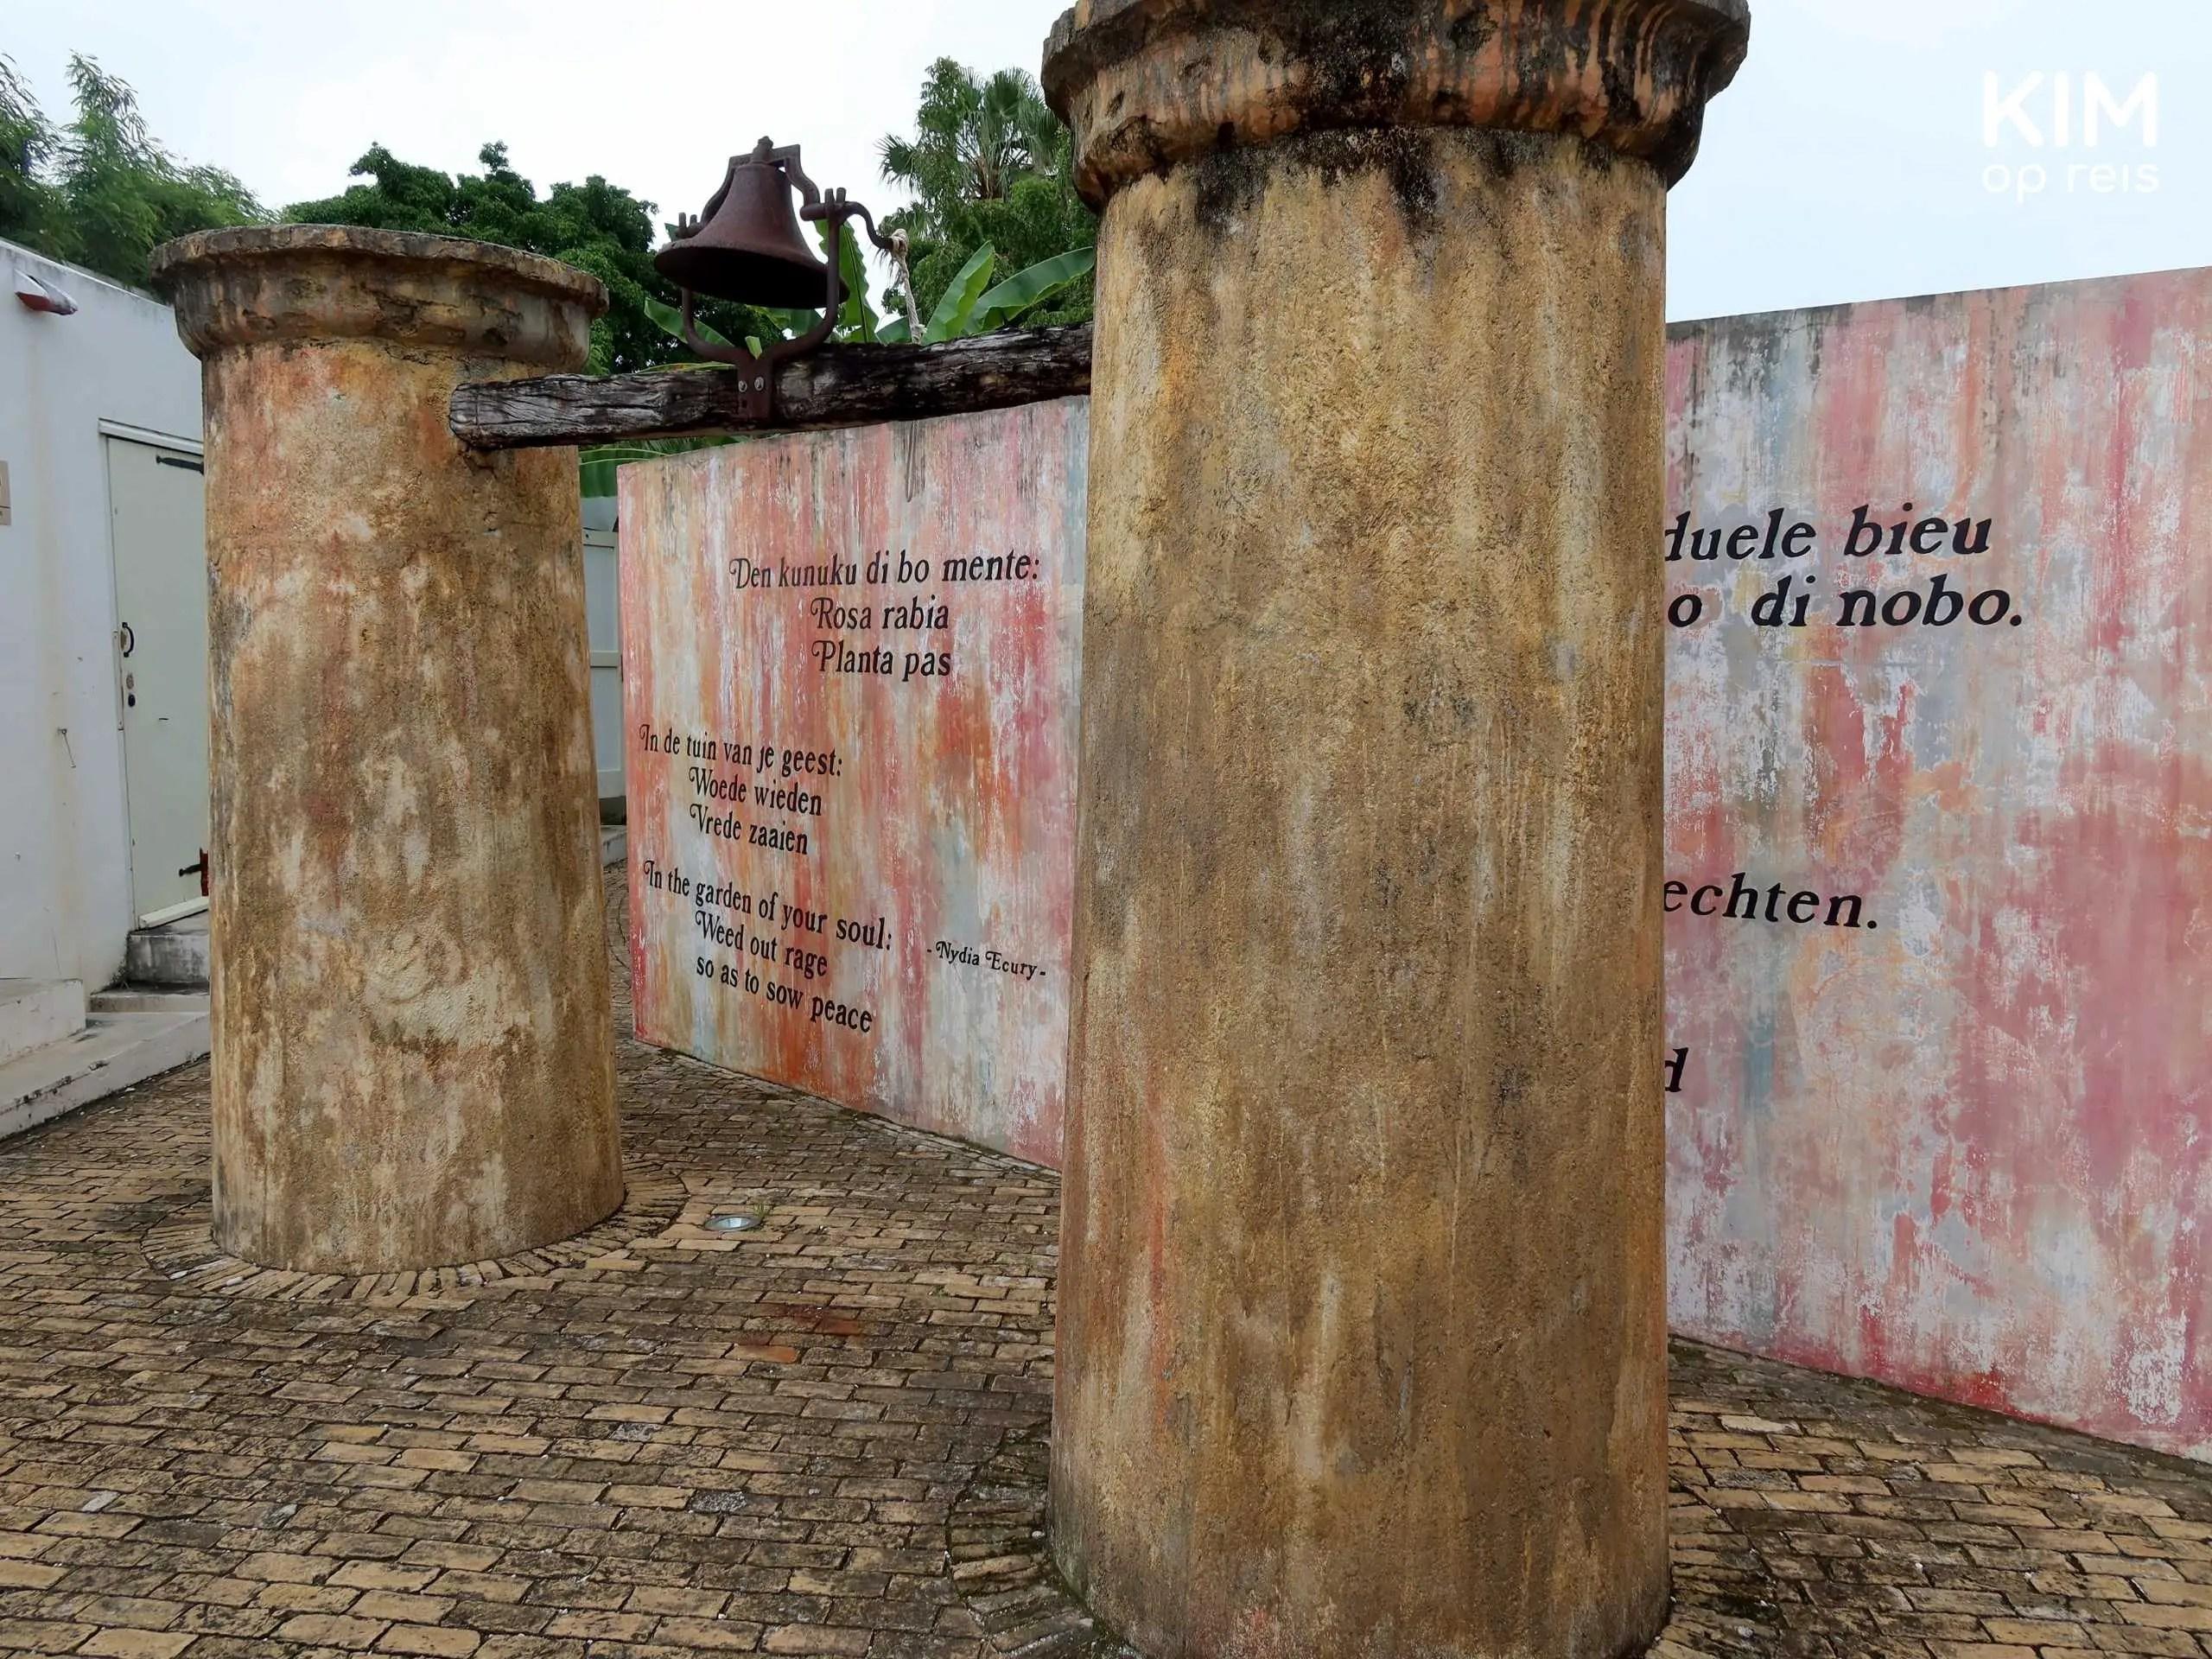 Kura Hulanda museum Willemstad: twee pilaren met op de achtergrond een muur met in verschillende talen: In de tuin van je geest: woede wieden, vrede zaaien